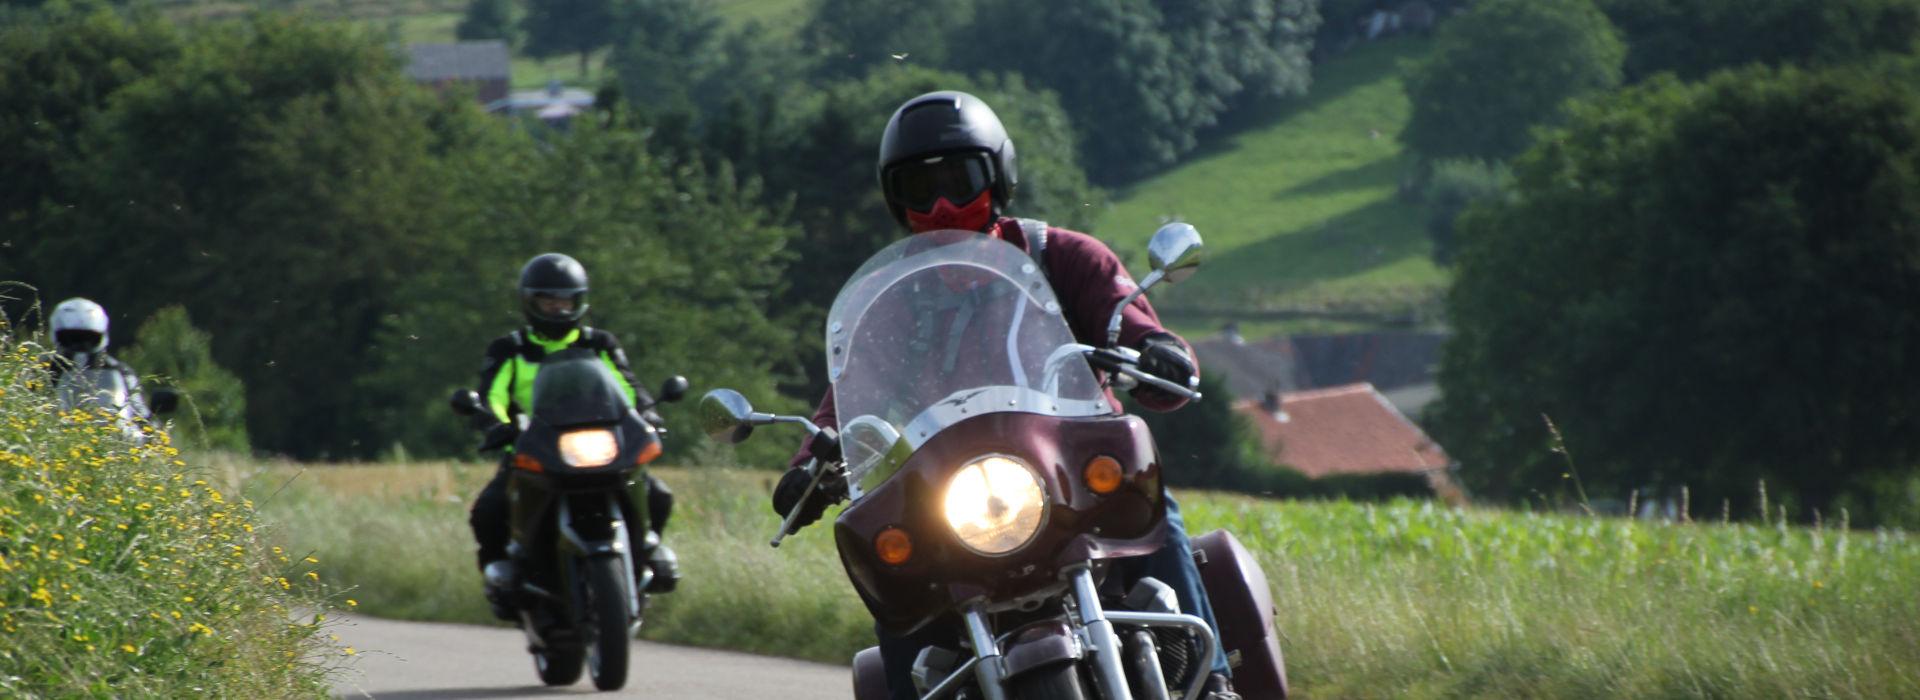 Motorrijbewijspoint Klundert snel motorrijbewijs halen